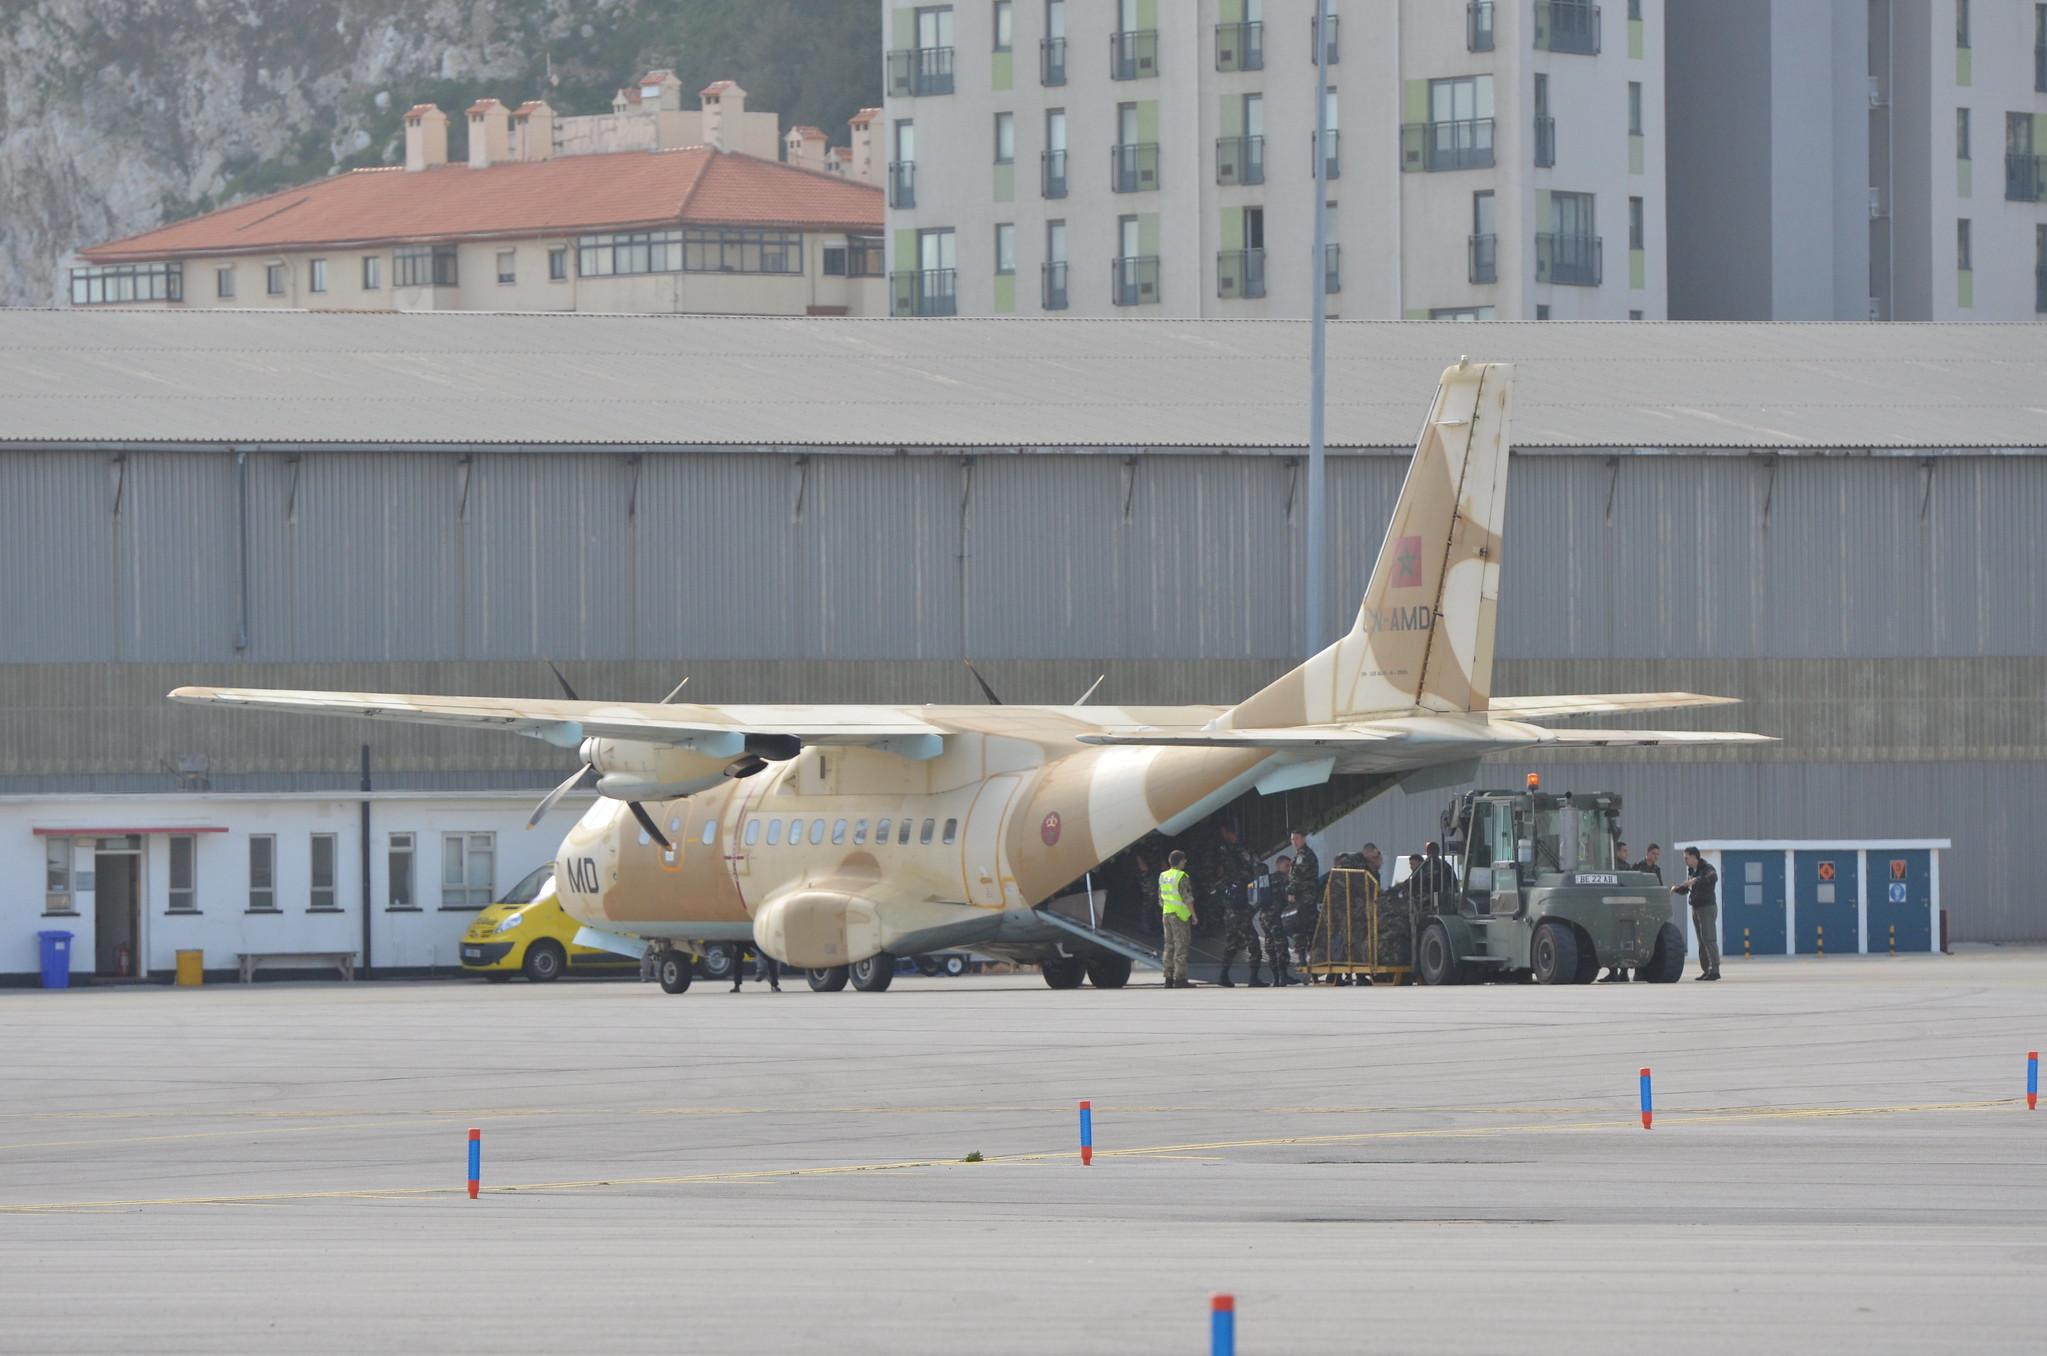 طائرات النقل العاملة بالقوات المسلحة المغربية 13060138713_c6c37489e0_k